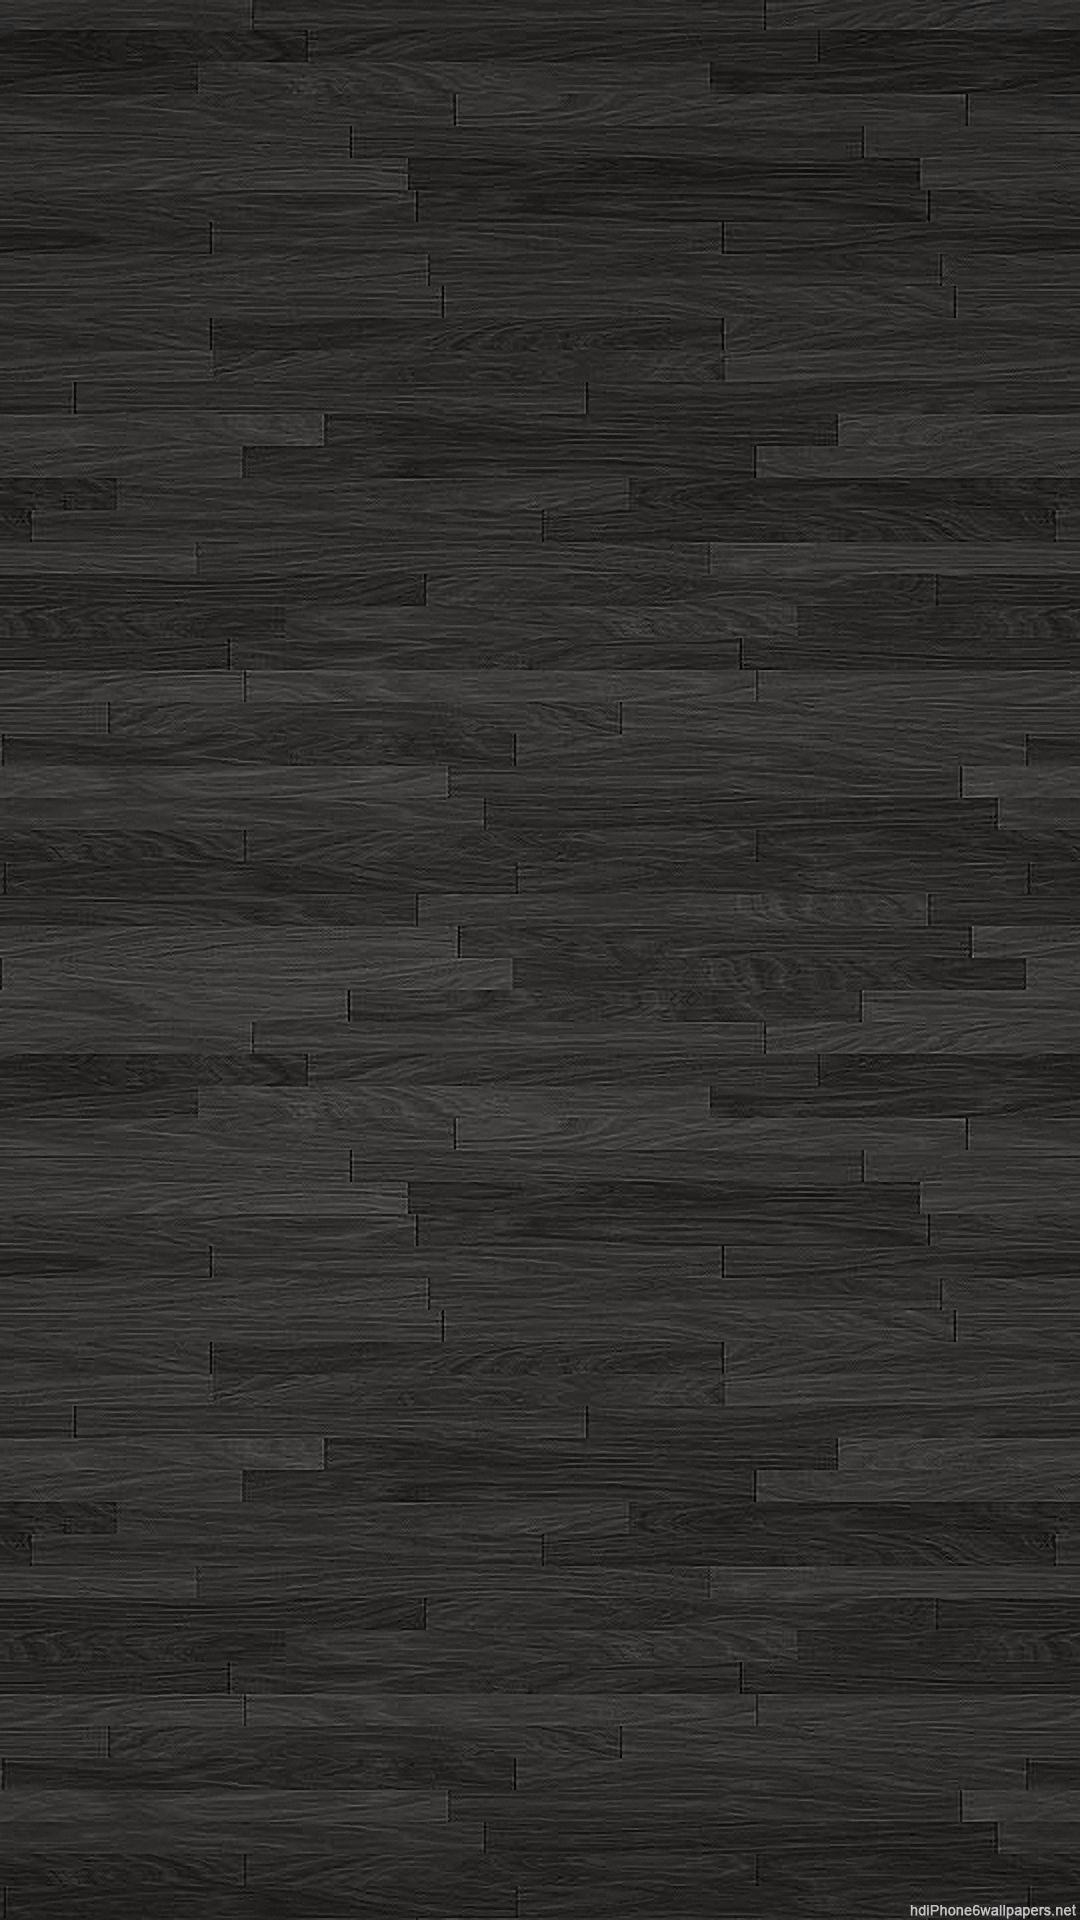 Iphone 6 plus wallpaper dark wallpapersafari - Black wallpaper iphone 6 hd ...